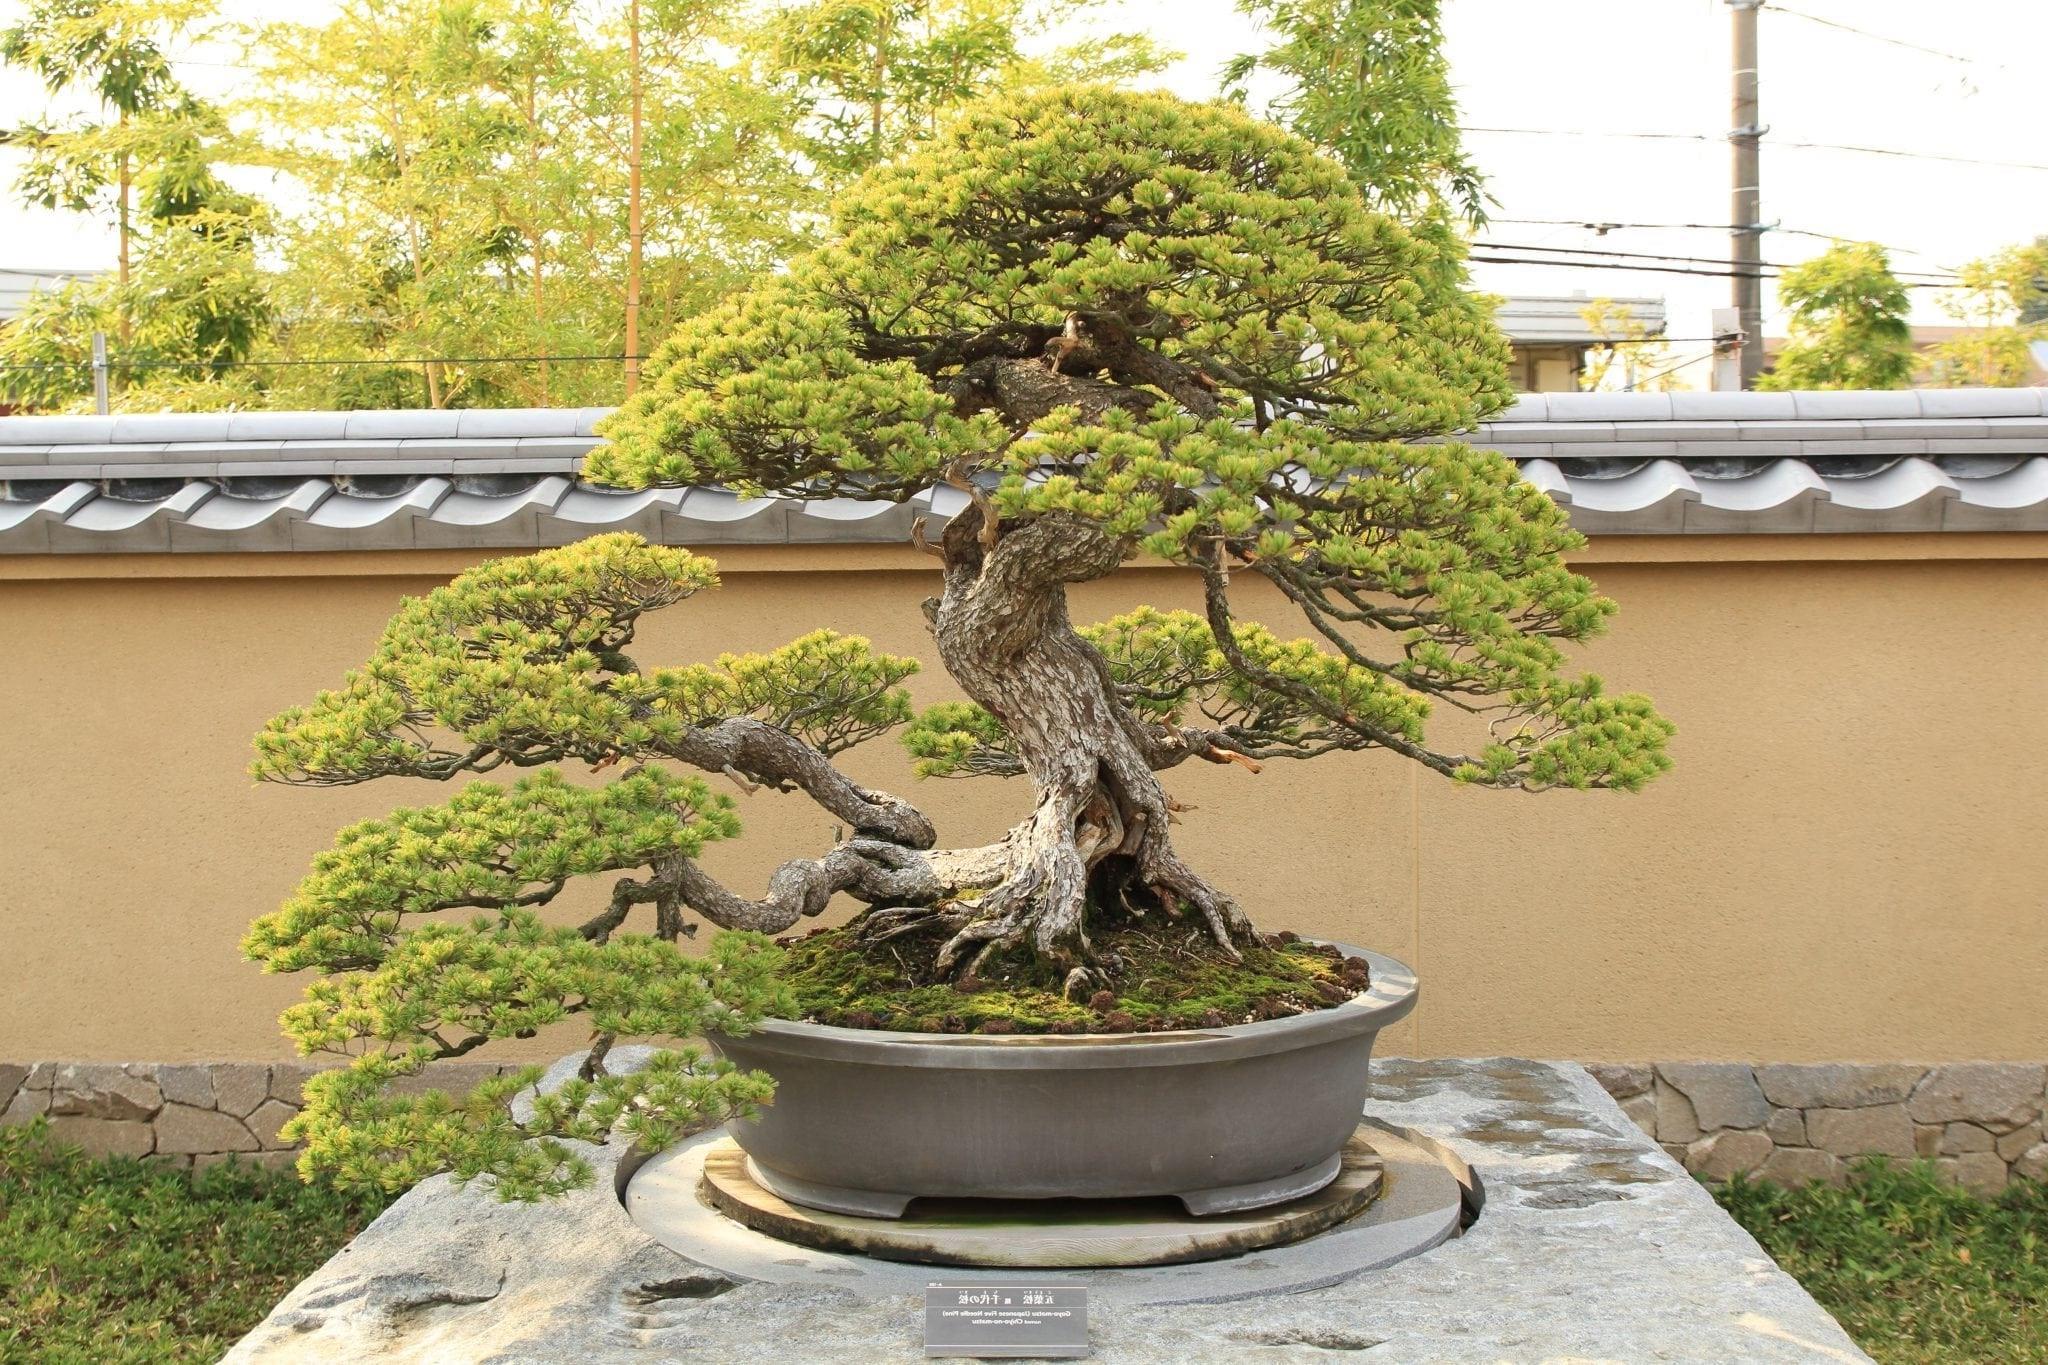 Un autre problème avec le maintien d'un arbre de bonsaï tropical à l'intérieur est que l'arbre a besoin d'une humidité relativement élevée.